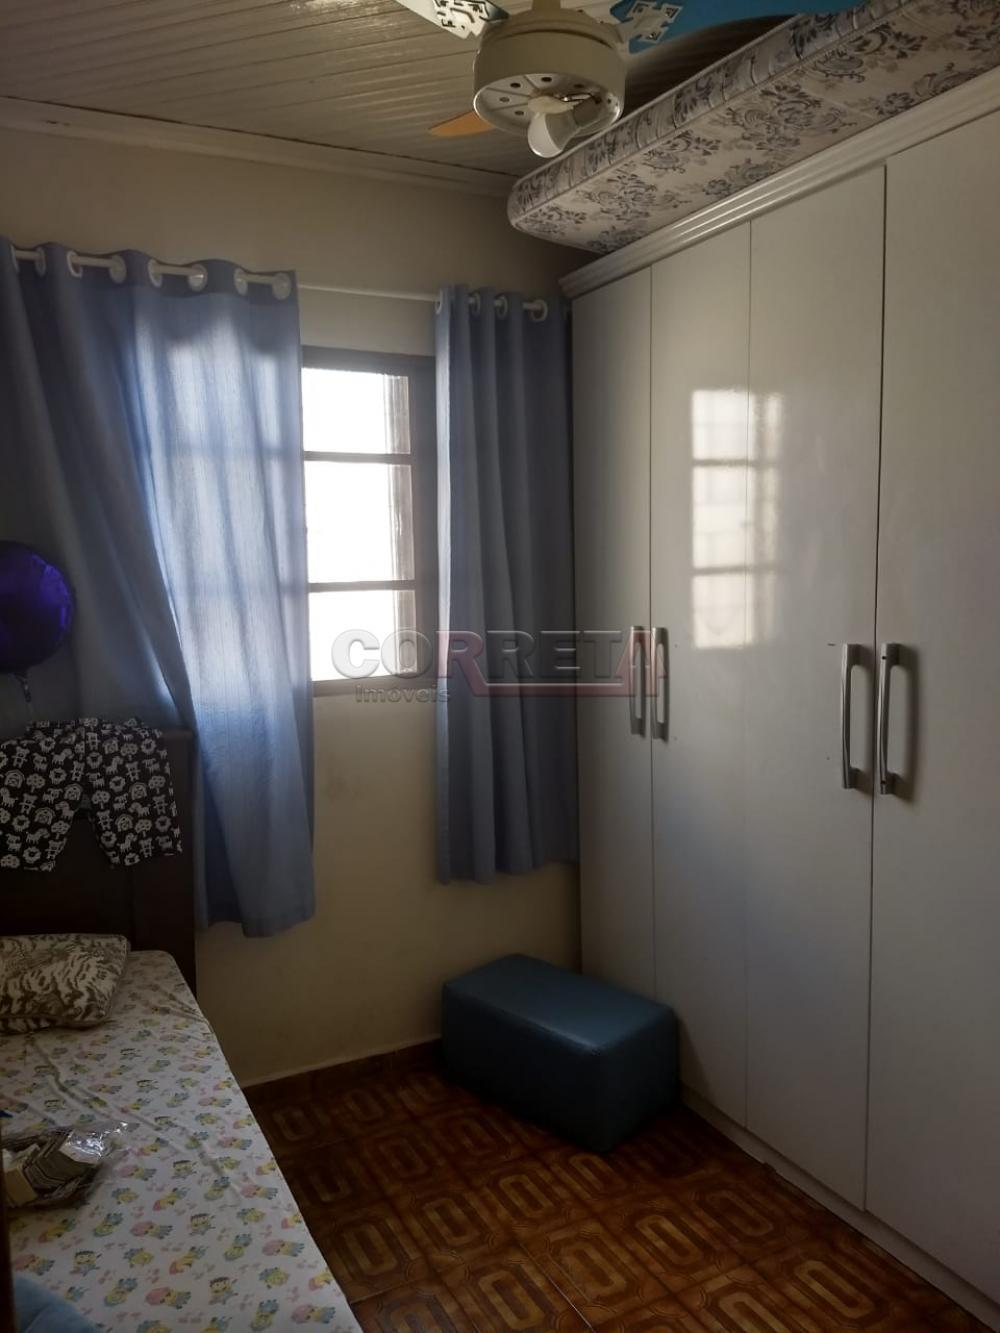 Comprar Casa / Residencial em Araçatuba R$ 210.000,00 - Foto 6